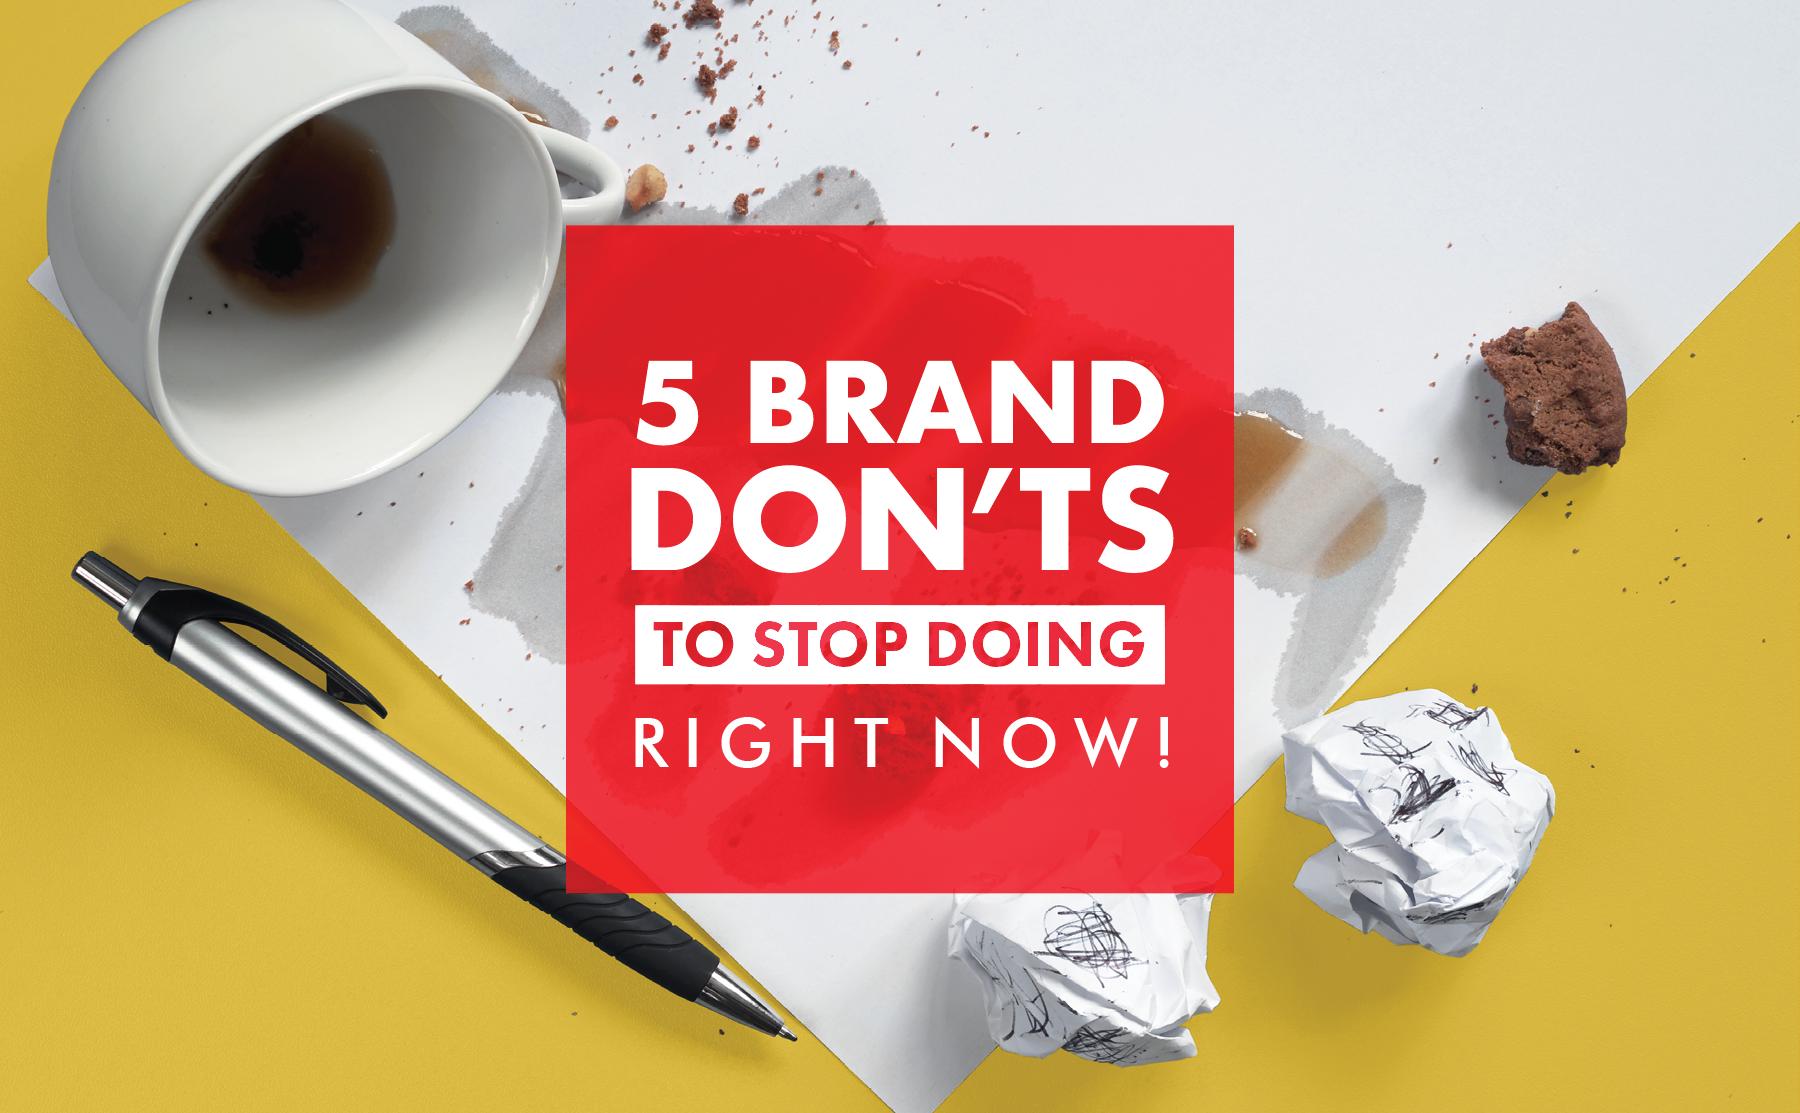 5 Brand Don'ts